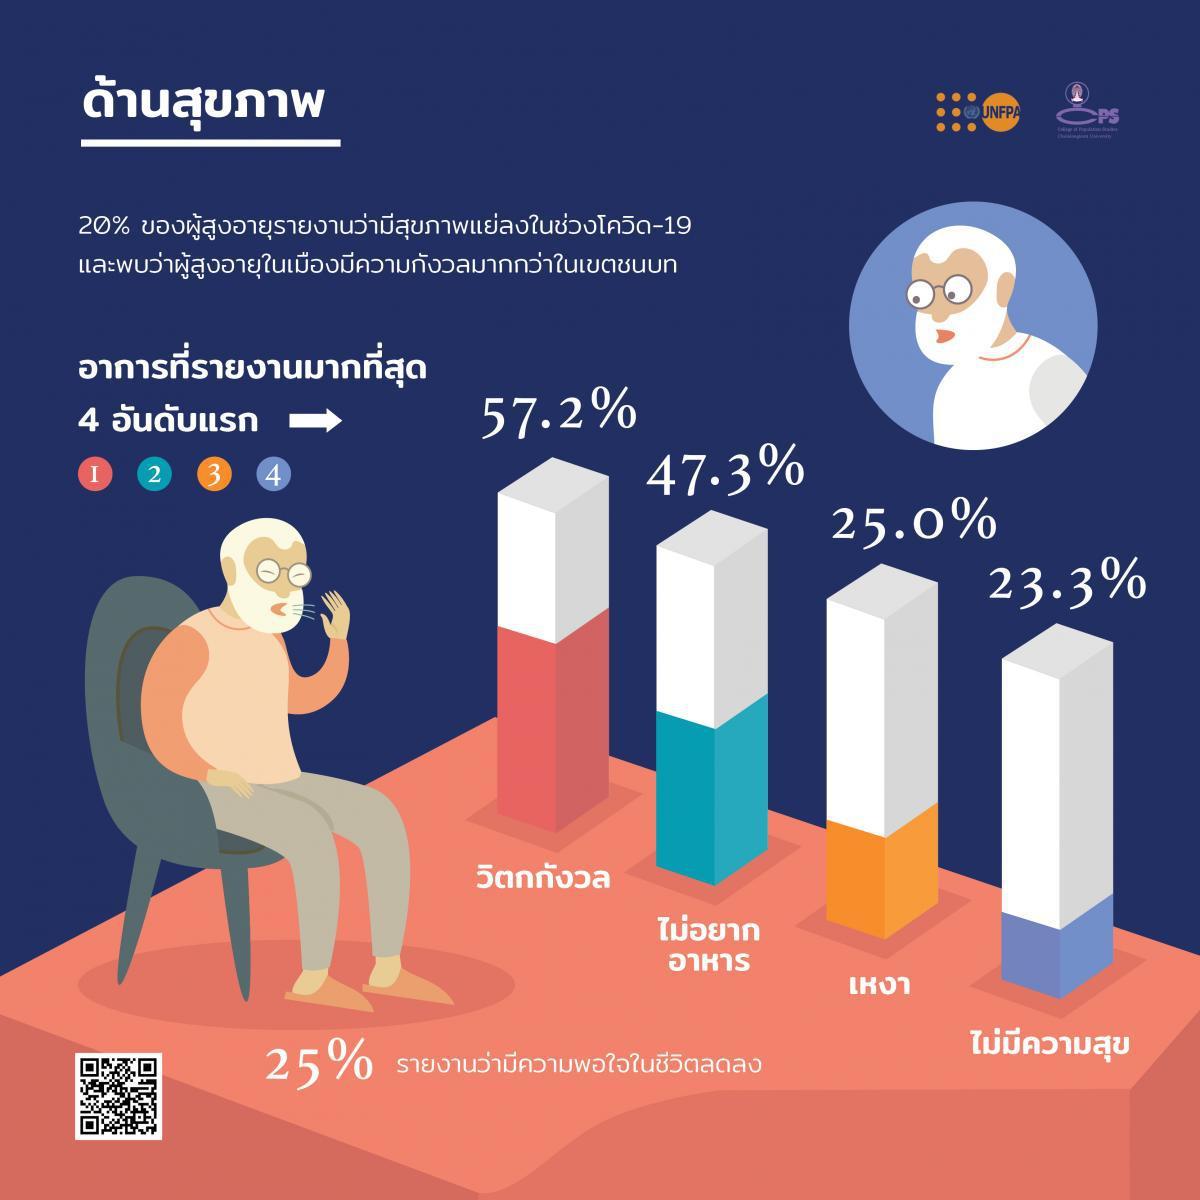 โควิด-19 ส่งผลกระทบด้านเศรษฐกิจต่อผู้สูงอายุมากกว่าด้านอื่นๆ